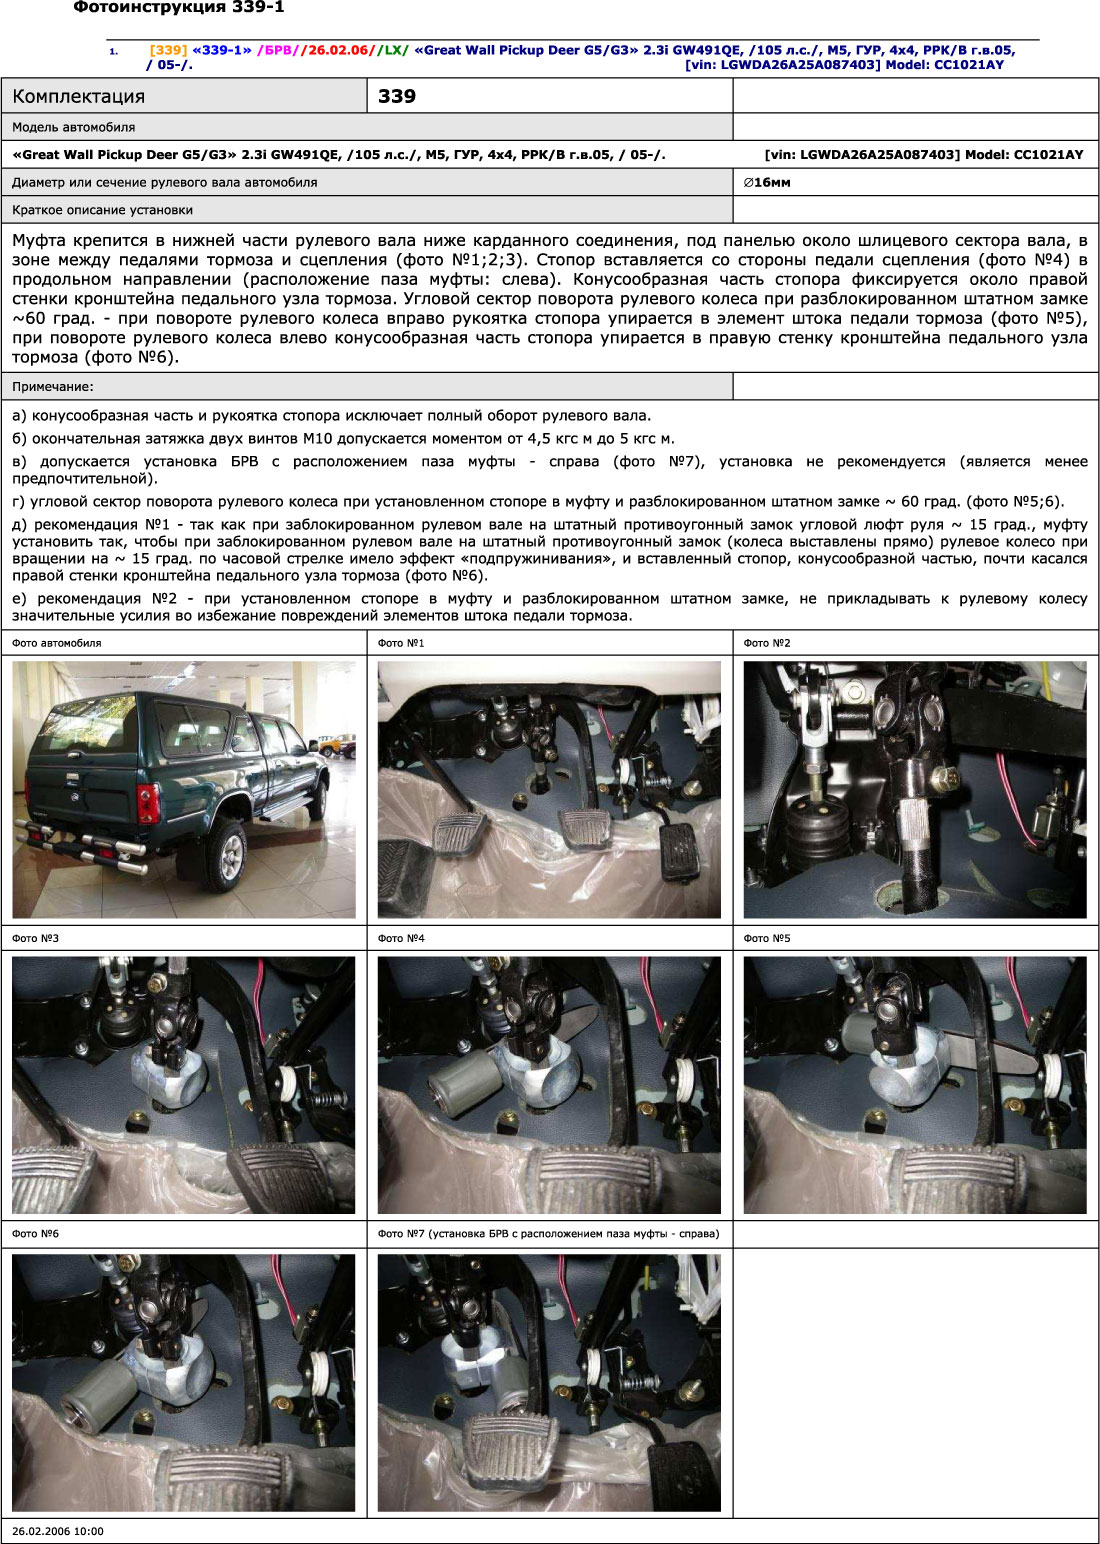 установка гарант блок люкс 339 на great wall pickup deer